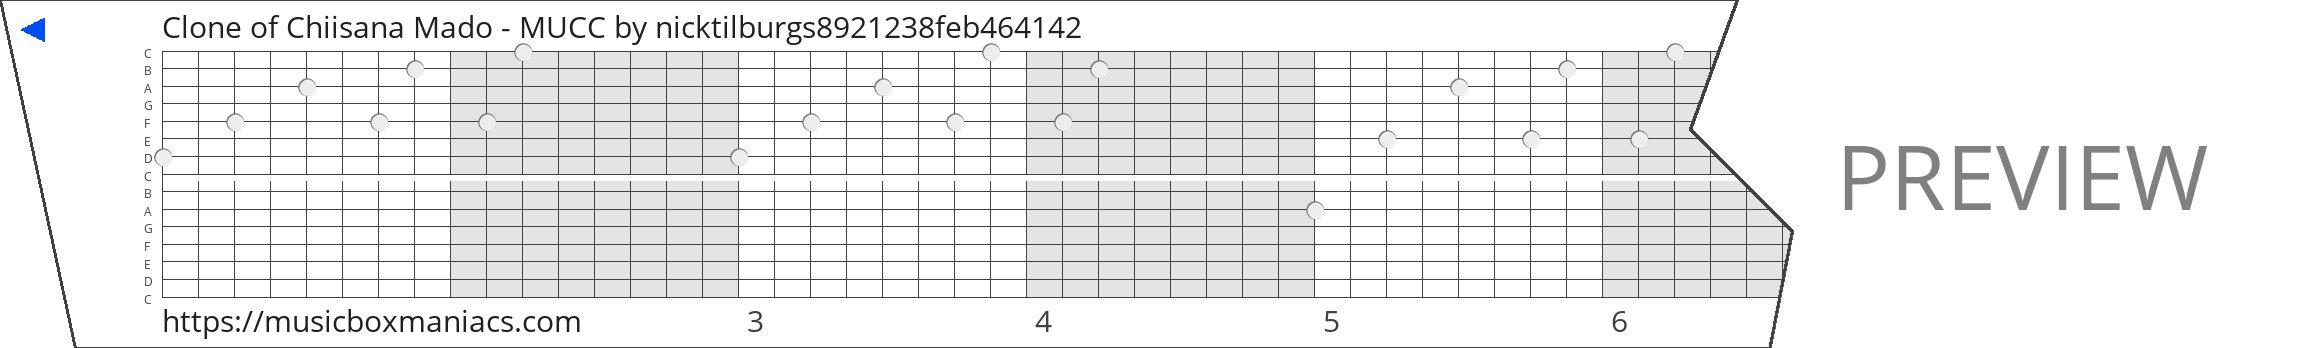 Clone of Chiisana Mado - MUCC 15 note music box paper strip